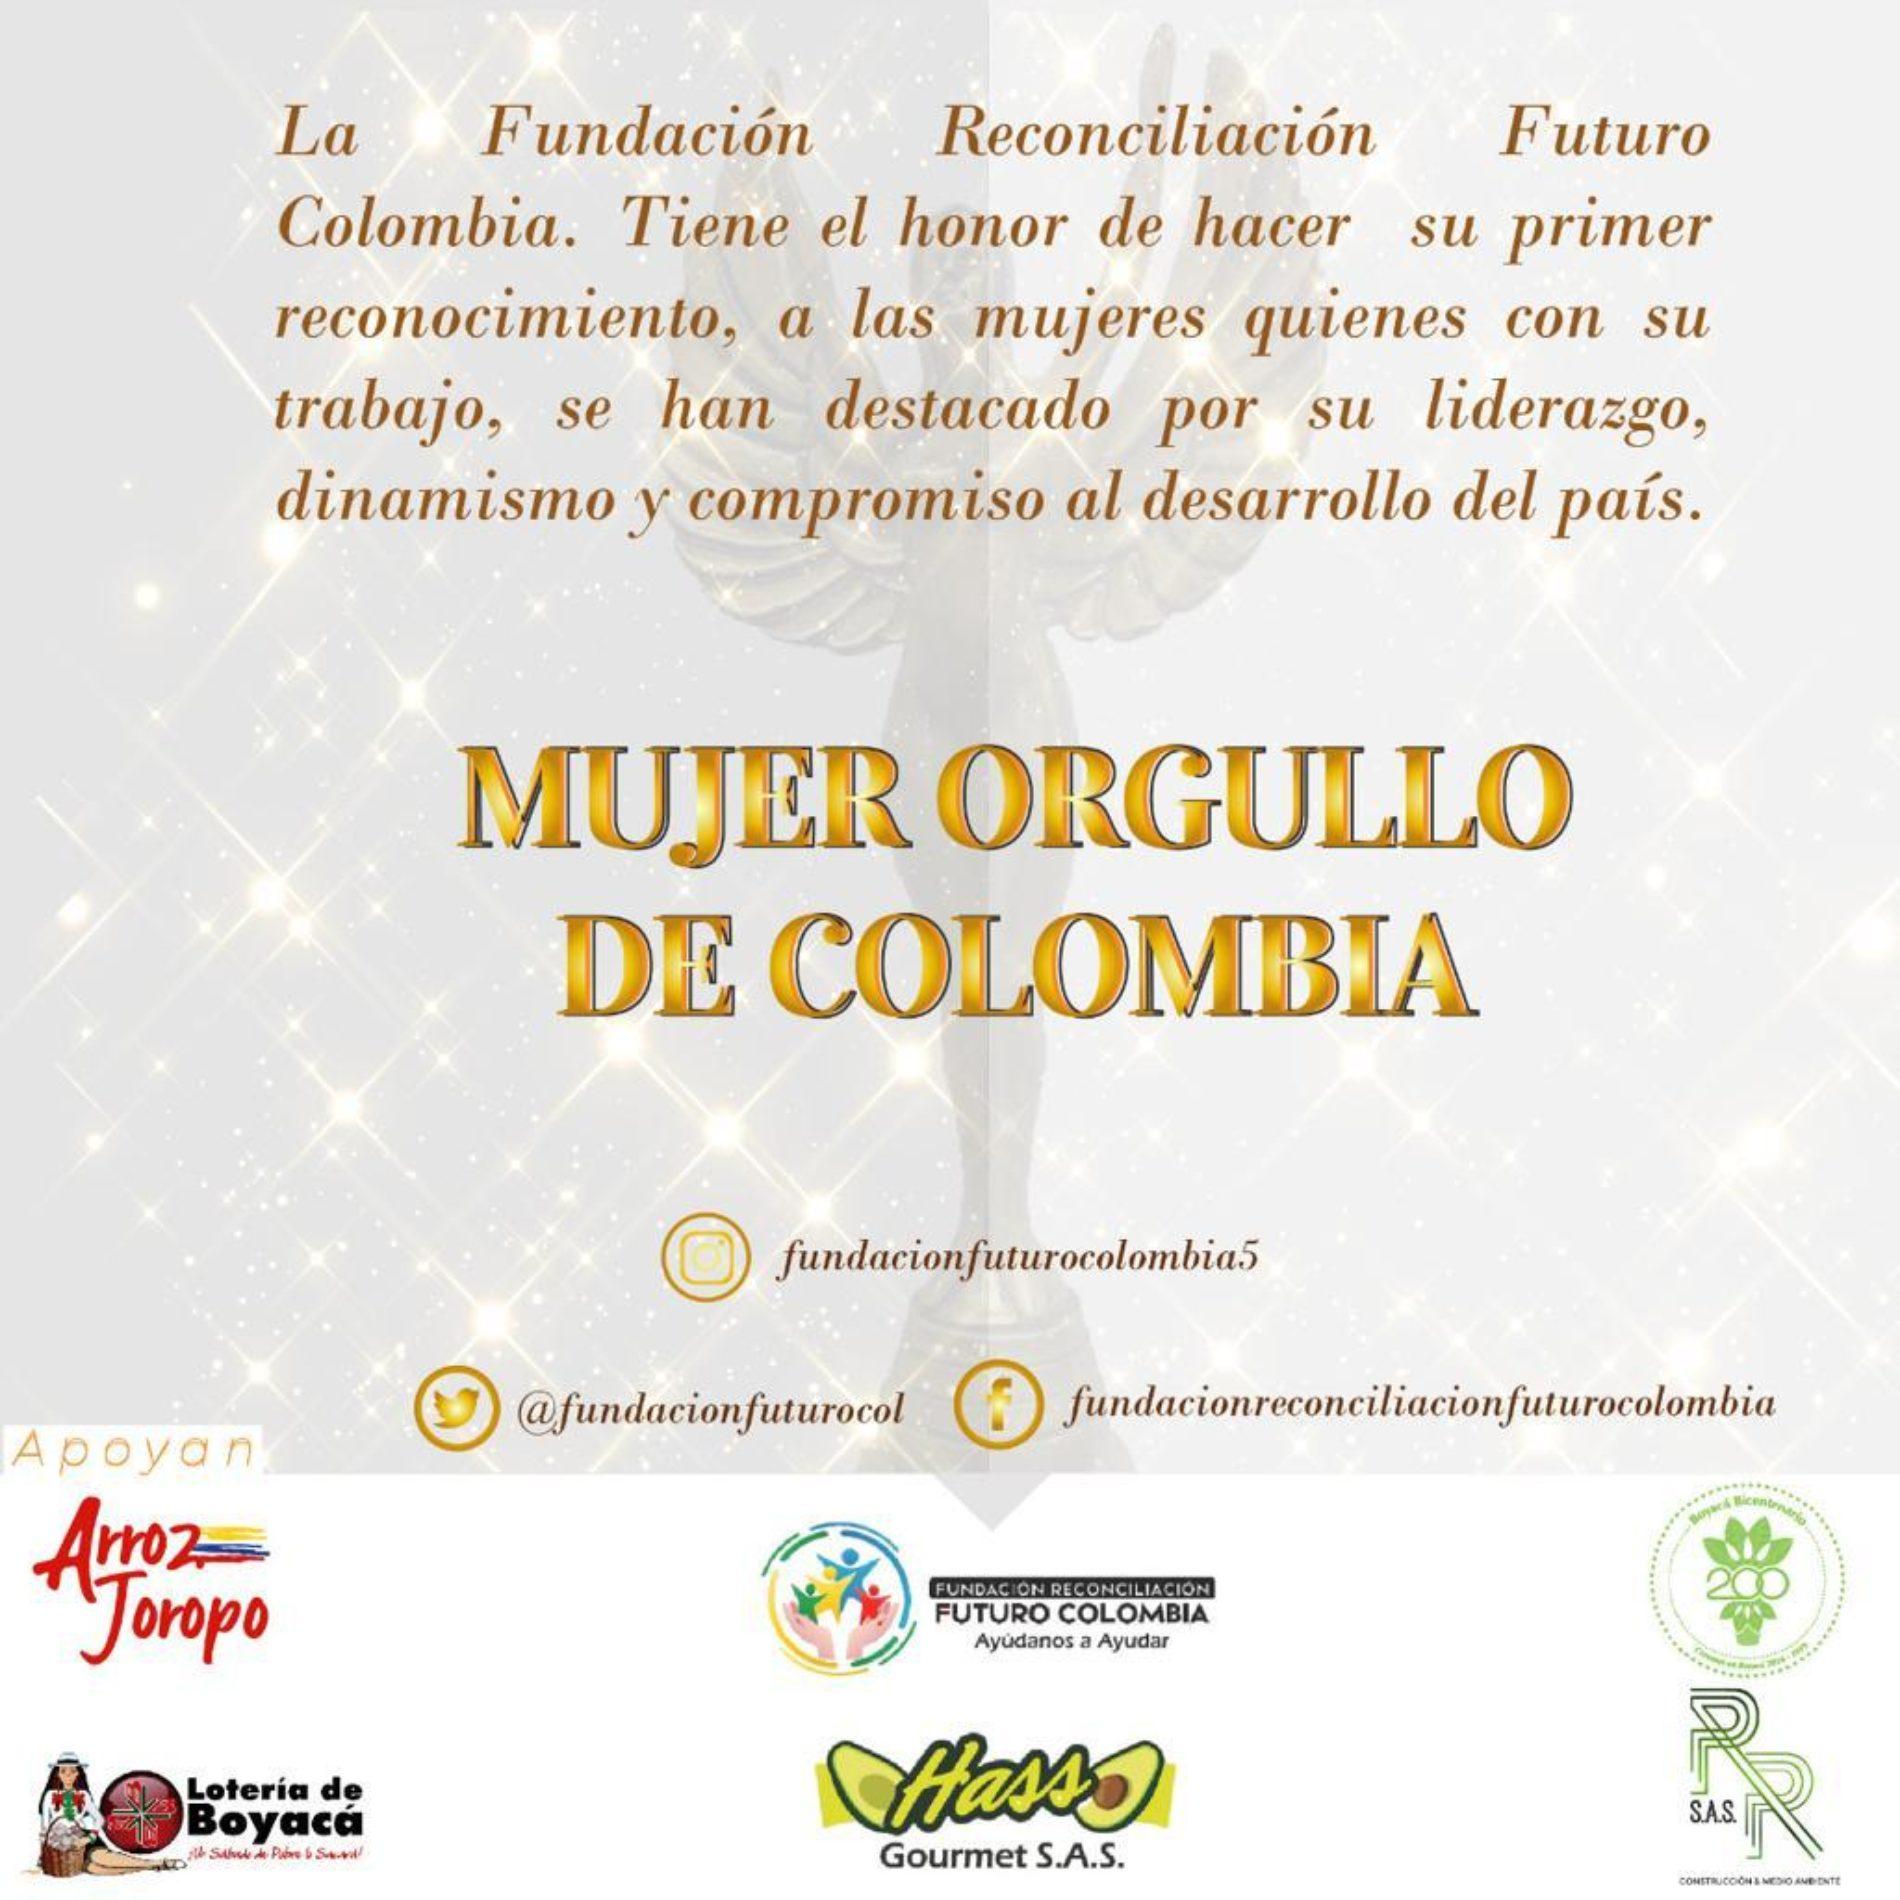 LA FUNDACIÓN RECONCILIACIÓN FUTURO COLOMBIA ENTREGA SUS GALARDONES MUJER ORGULLO DE COLOMBIA